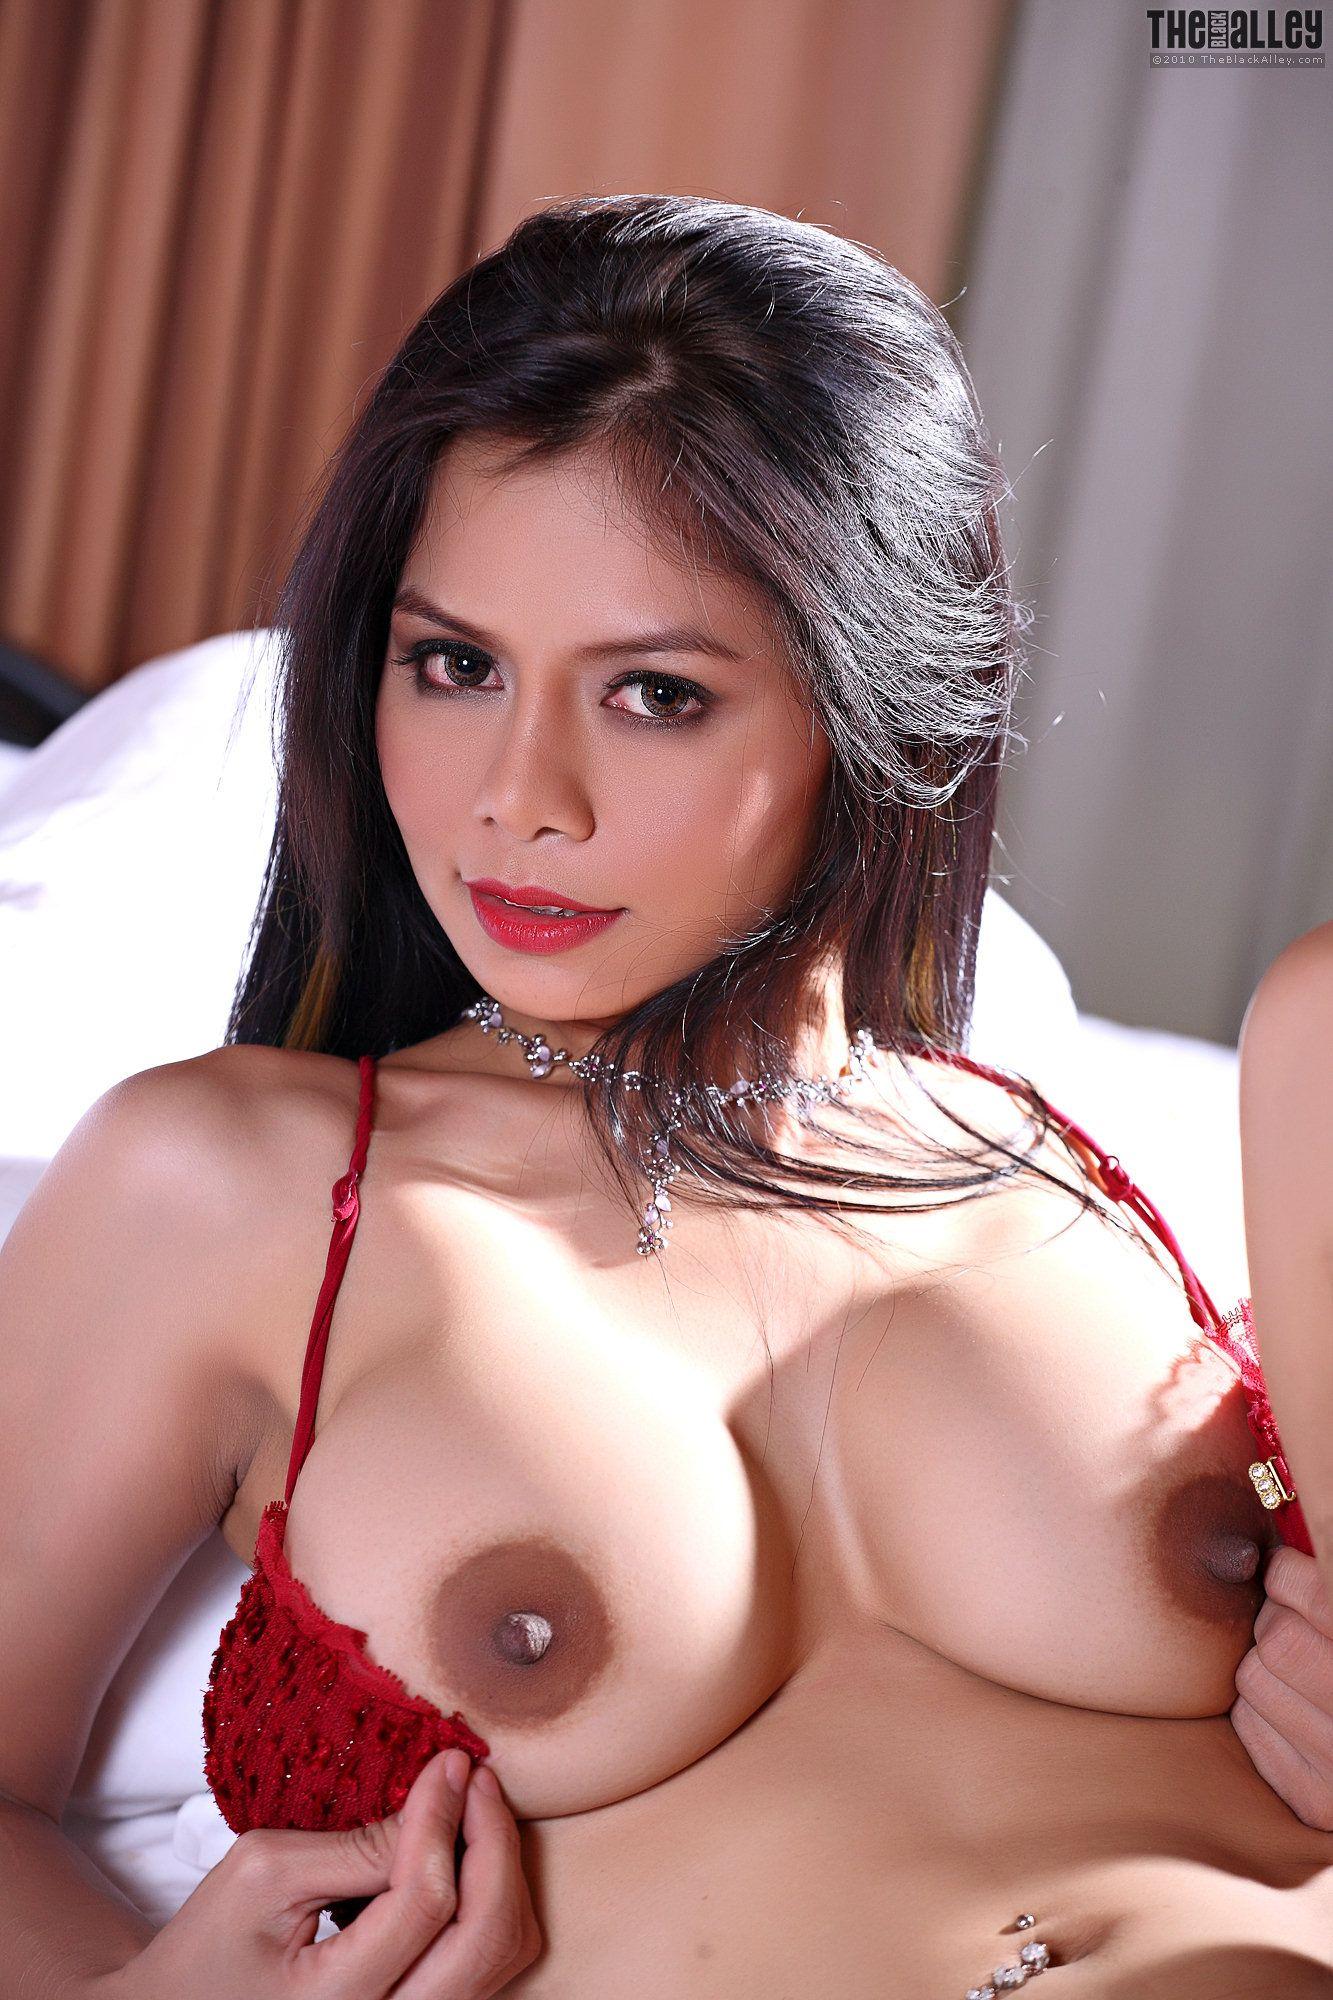 desi wife moti sexy pic